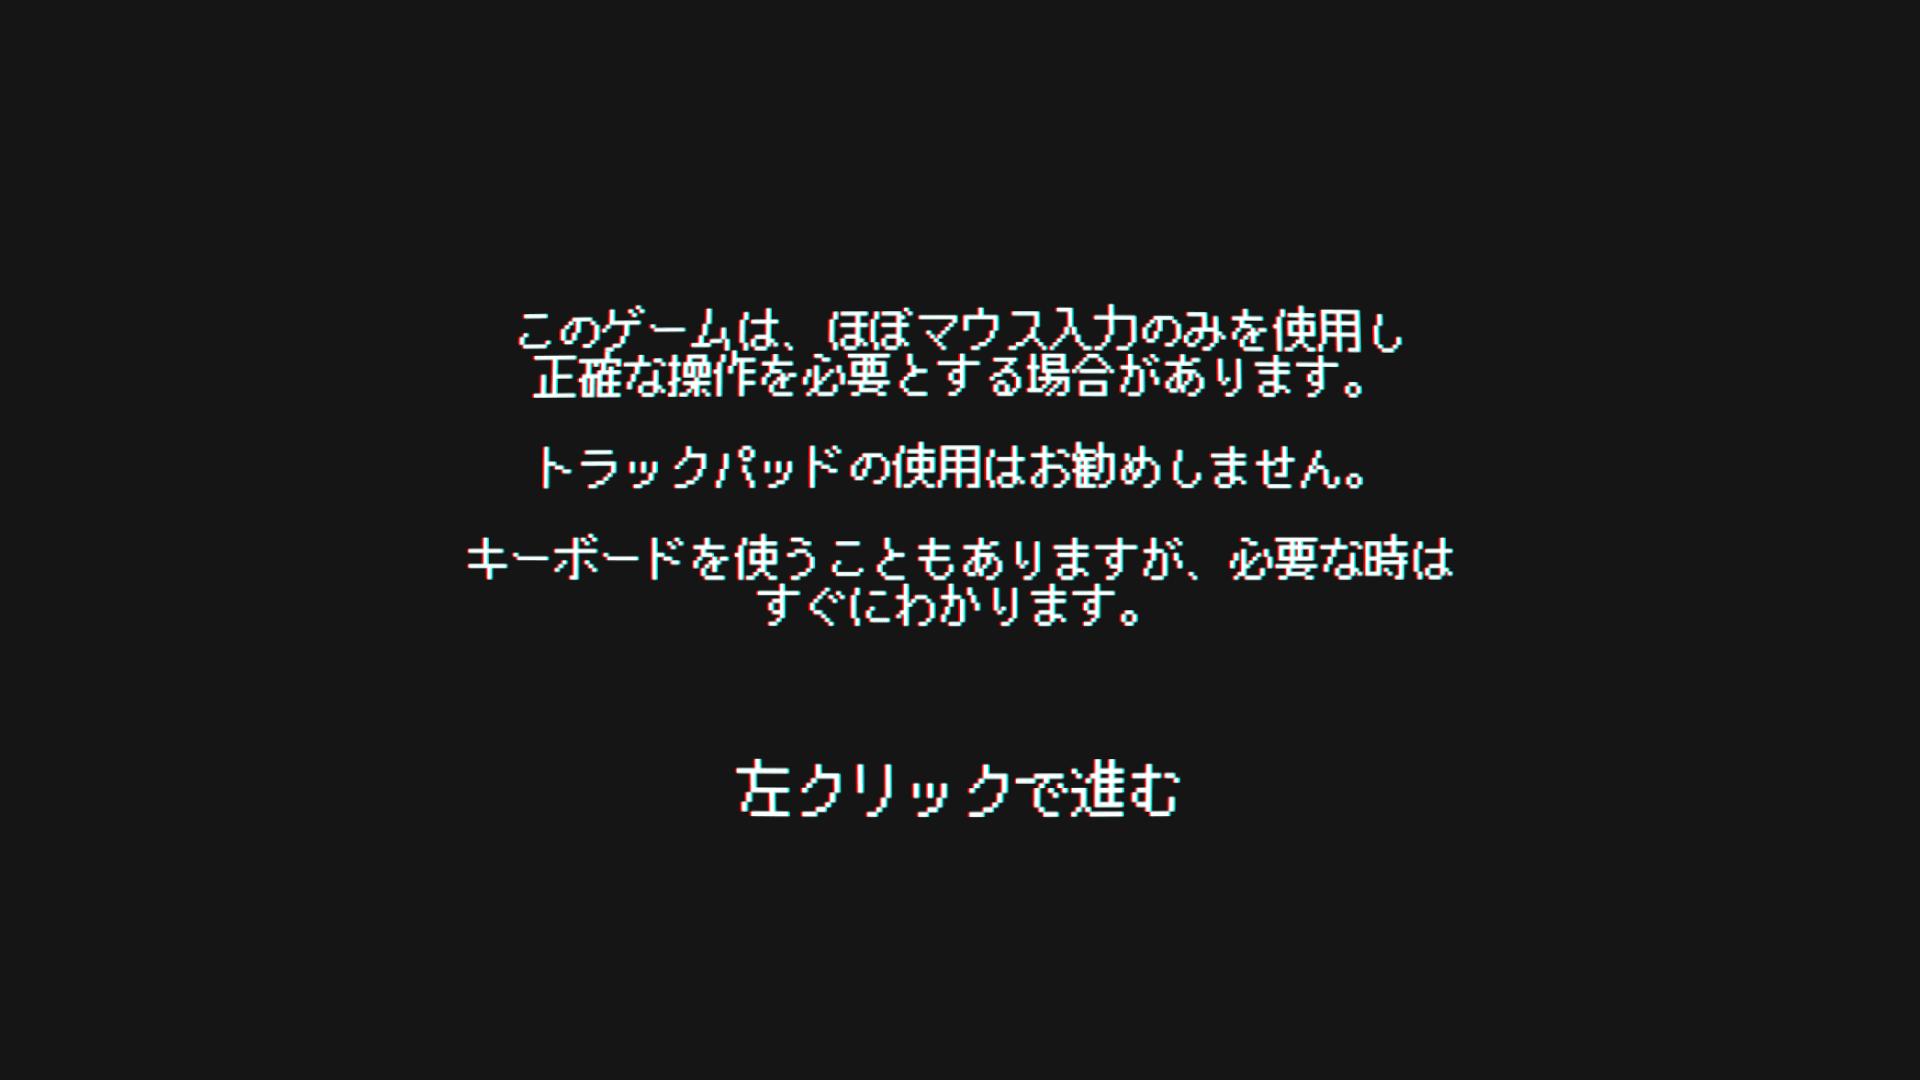 過去に公開された PC ゲーム Pony Island の日本語化ファイルを何とかして再現する方法、PC ゲーム Pony Island 日本語化方法、Steam 版 Pony Island V1.22 日本語化後スクリーンショット(2018年8月14日公開板相当)、言語設定変更後、セーブデータがない状態でゲームを終了→起動すると言語設定が英語に戻る現象あり